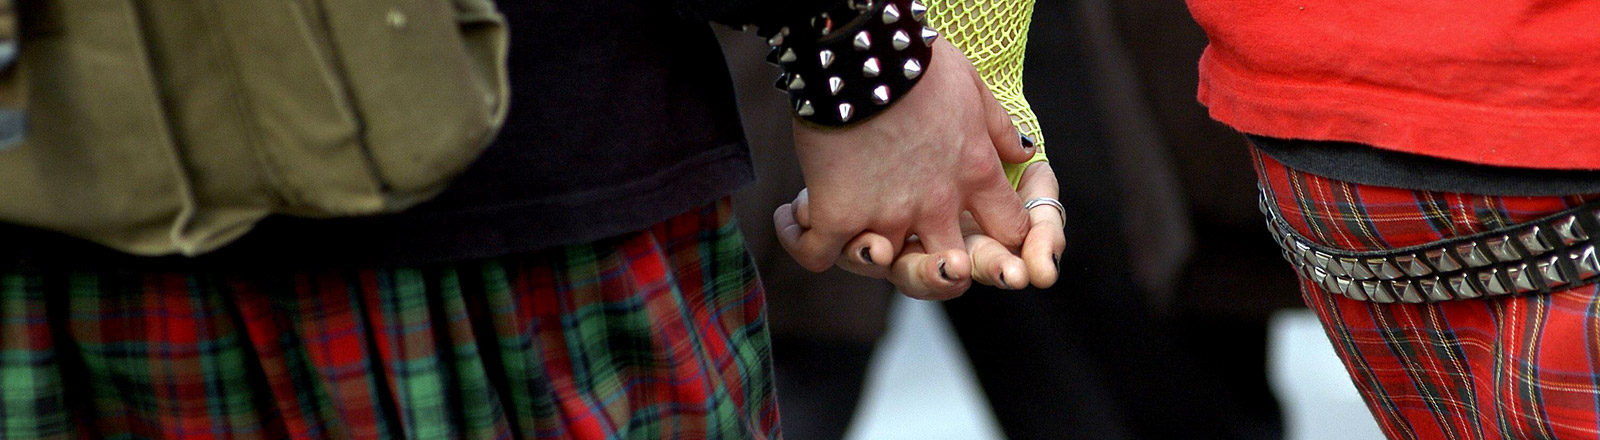 Ein Händchen haltendes Punk-Pärchen